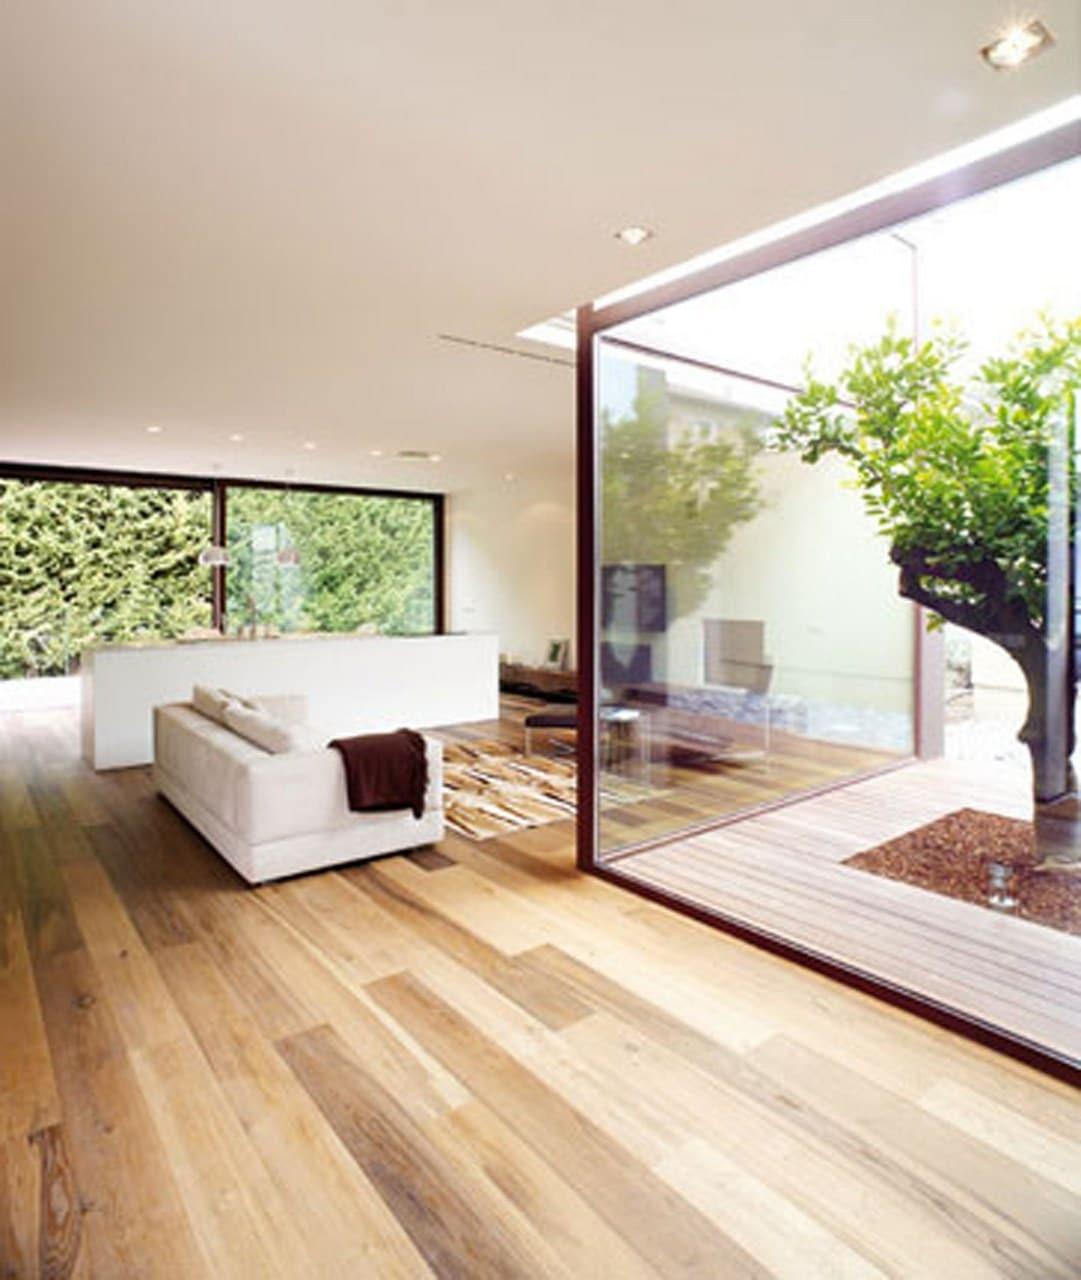 Baño Con Jardin Interior: con cerco perimétrico alto, gana visuales al interior y minimiza